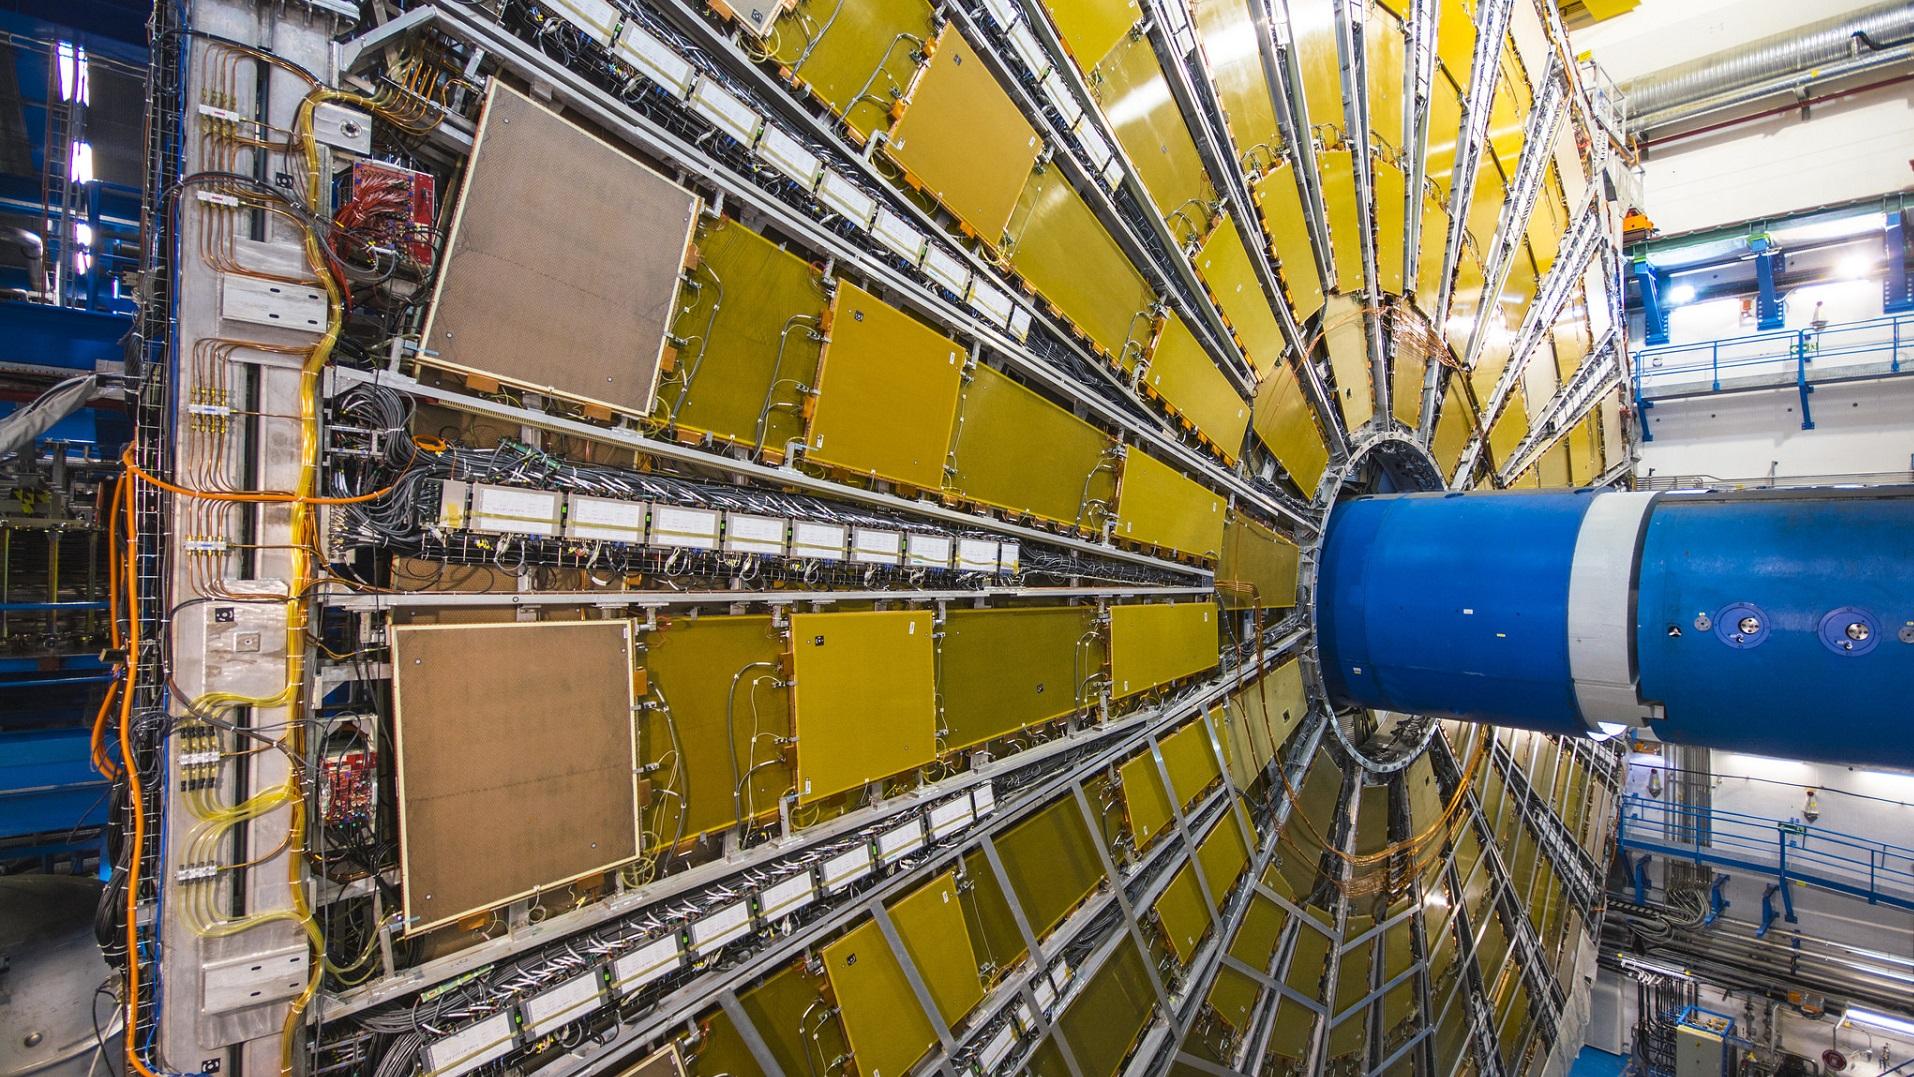 La fusión entre quarks: 8 veces más energética que la fusión atómica